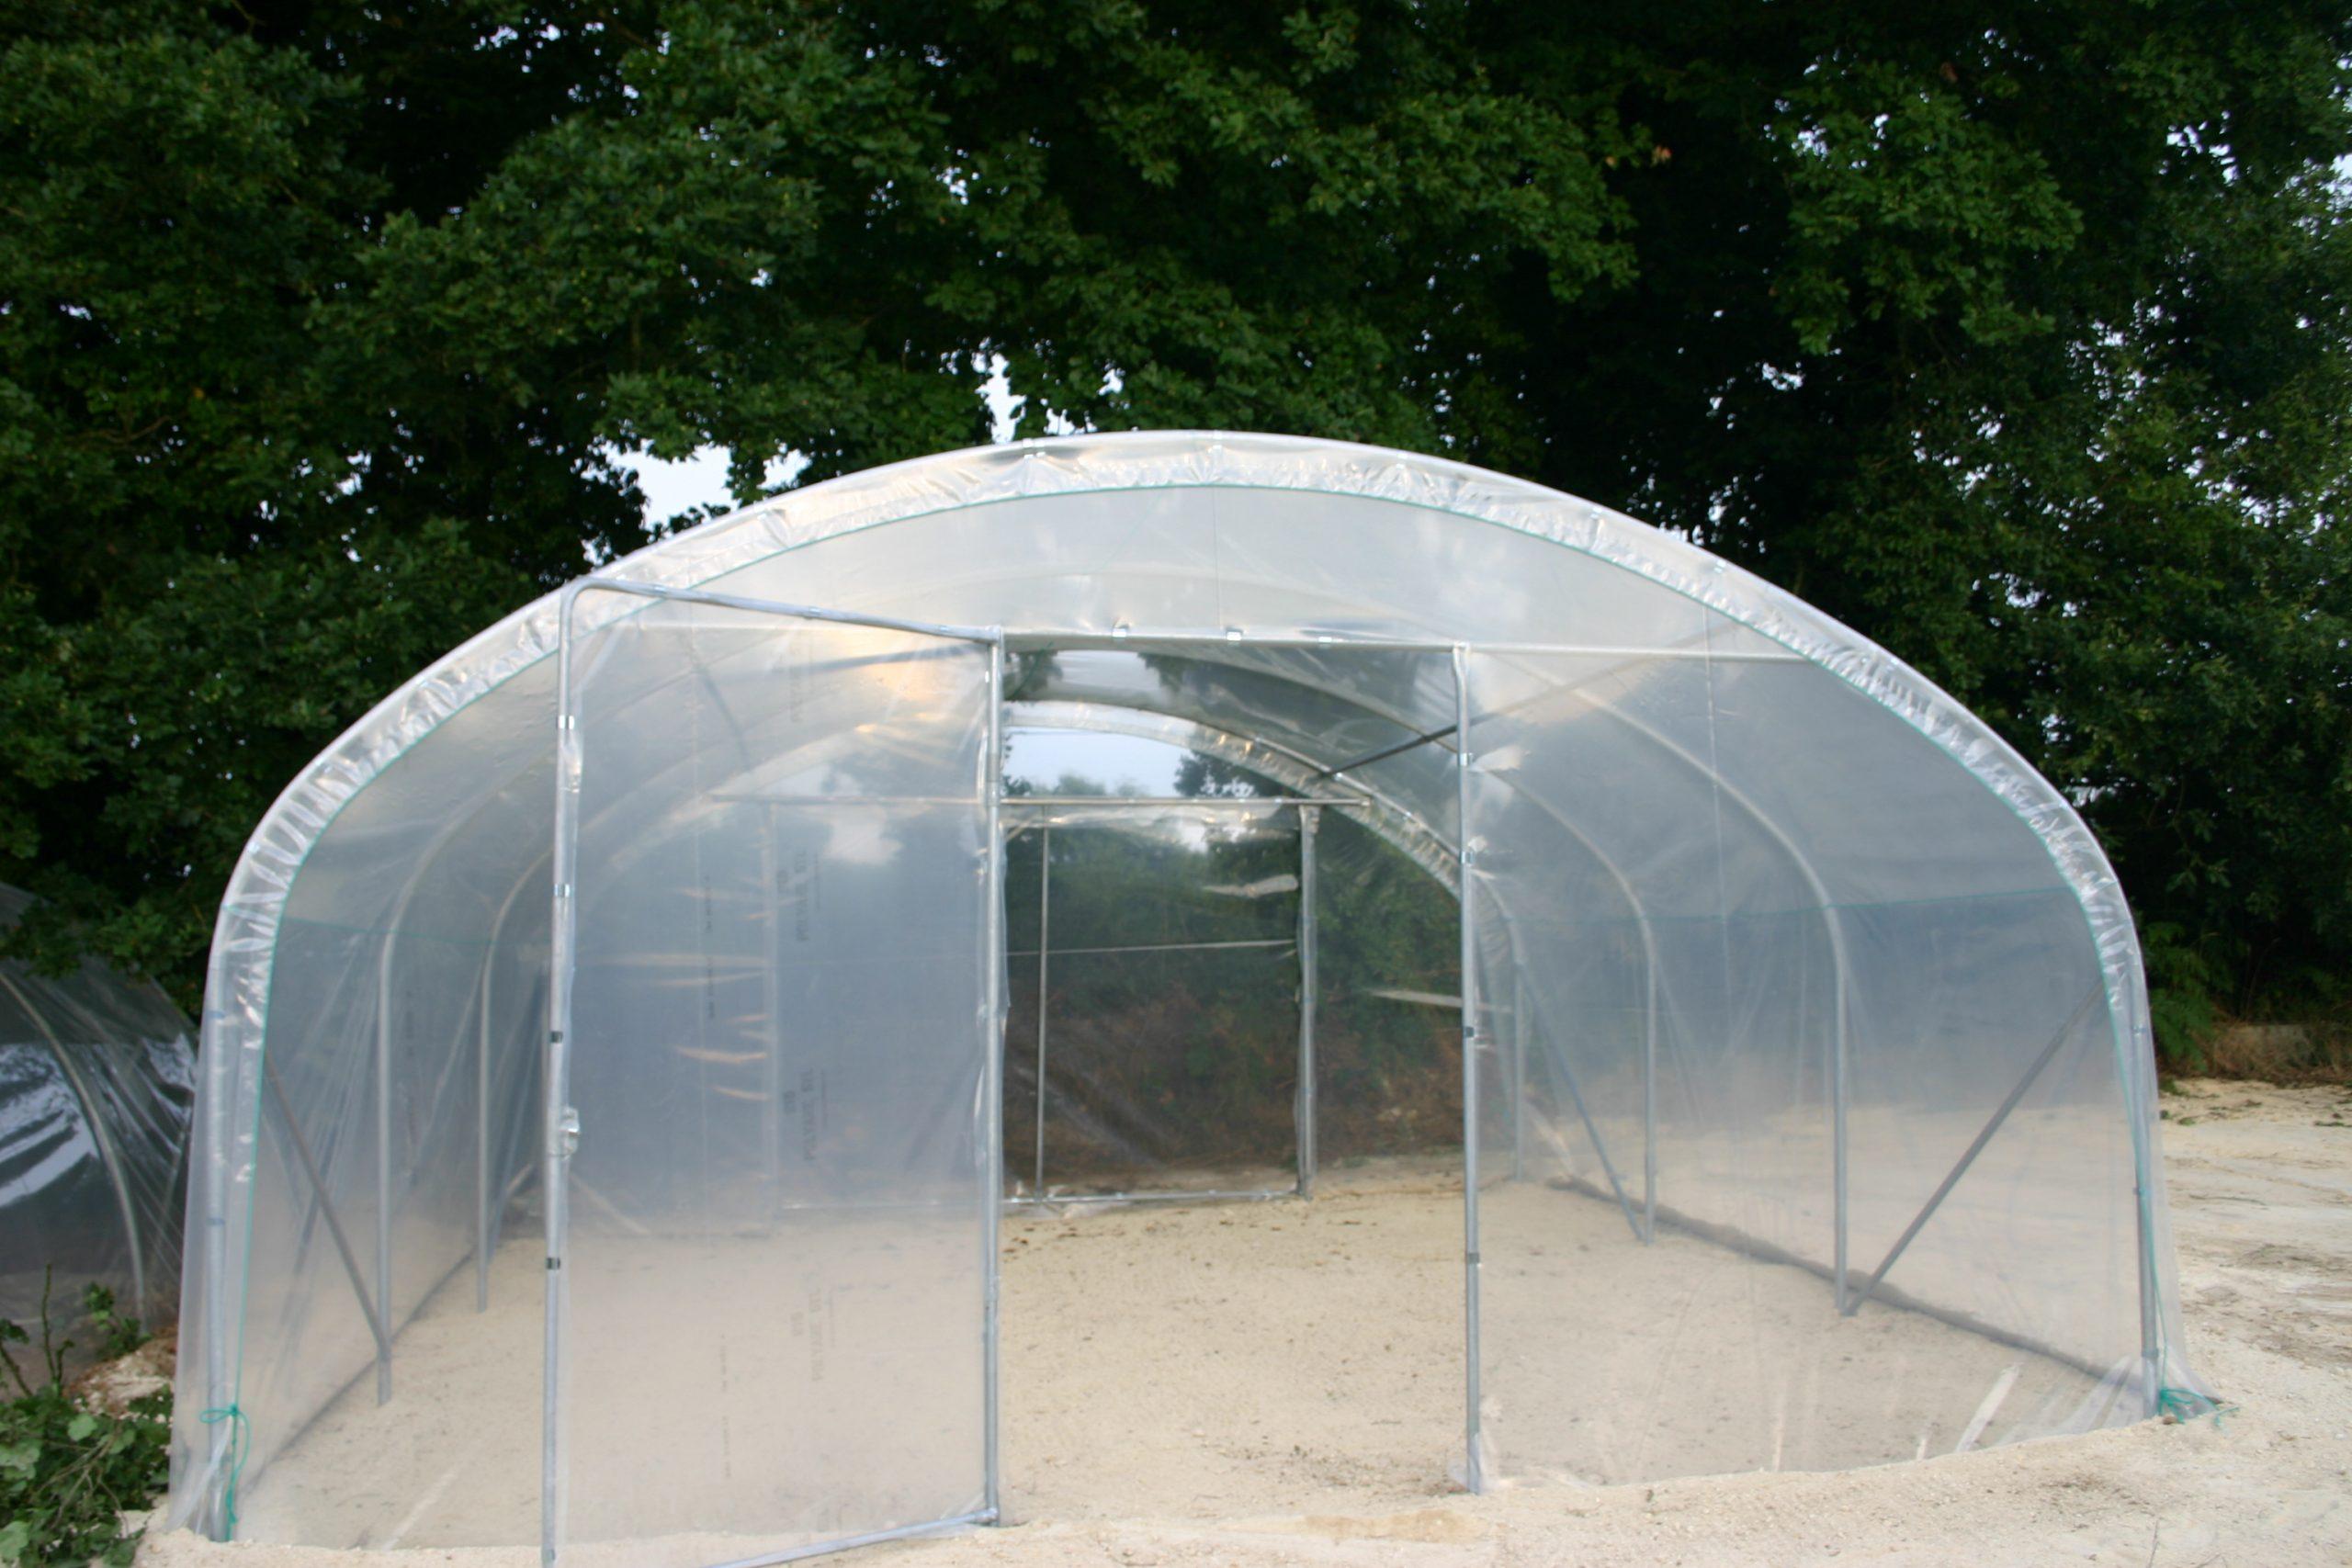 Serre Occasion - Veranda Et Abri Jardin pour Serre Tunnel Occasion